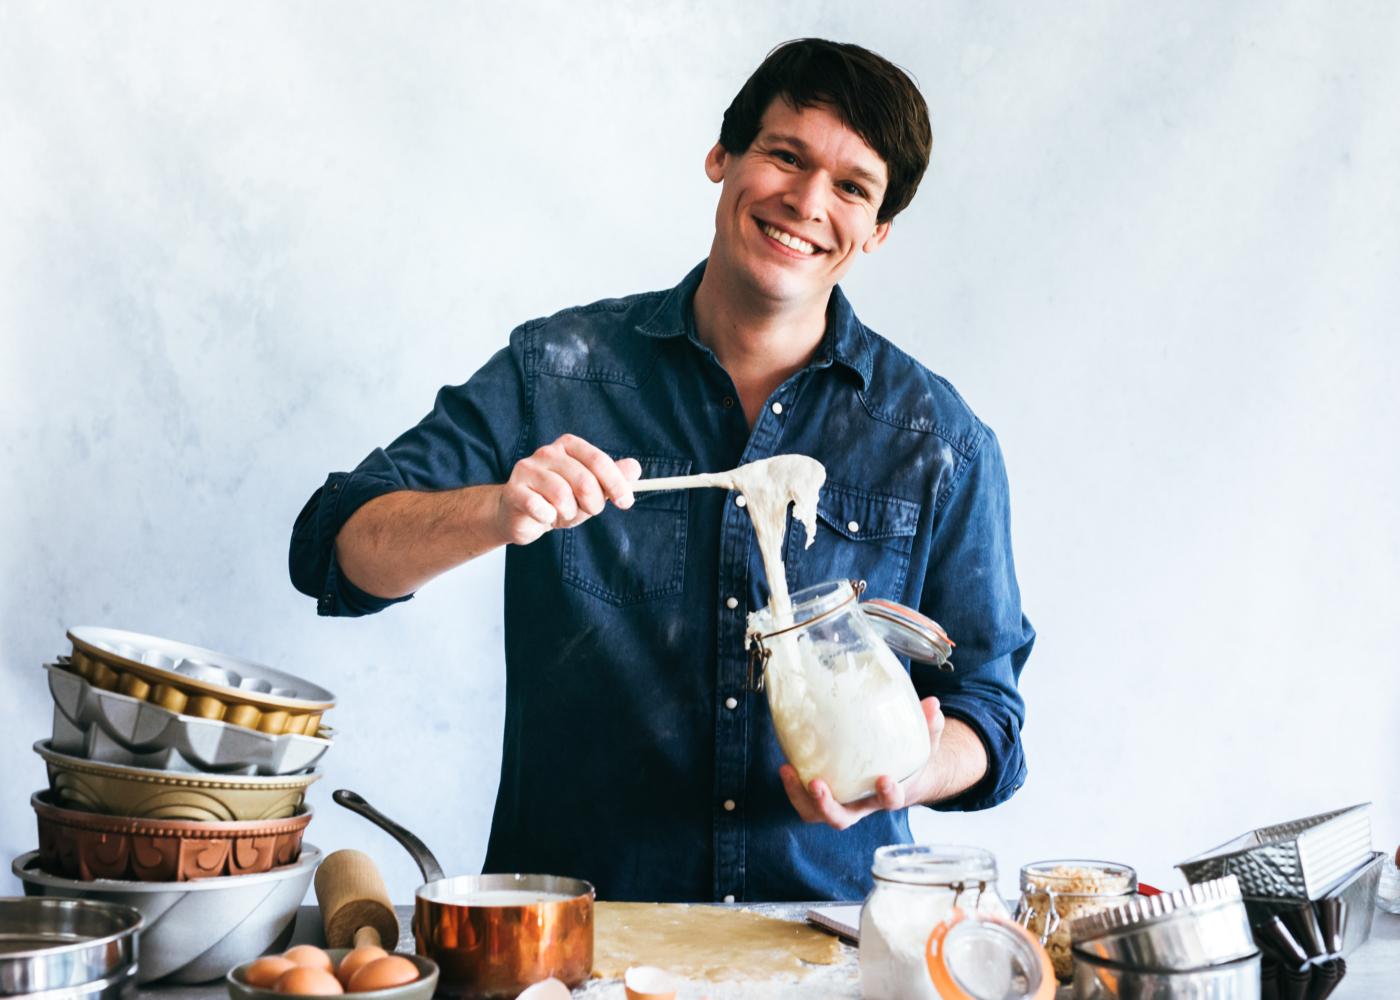 Welkom op Rutger bakt!